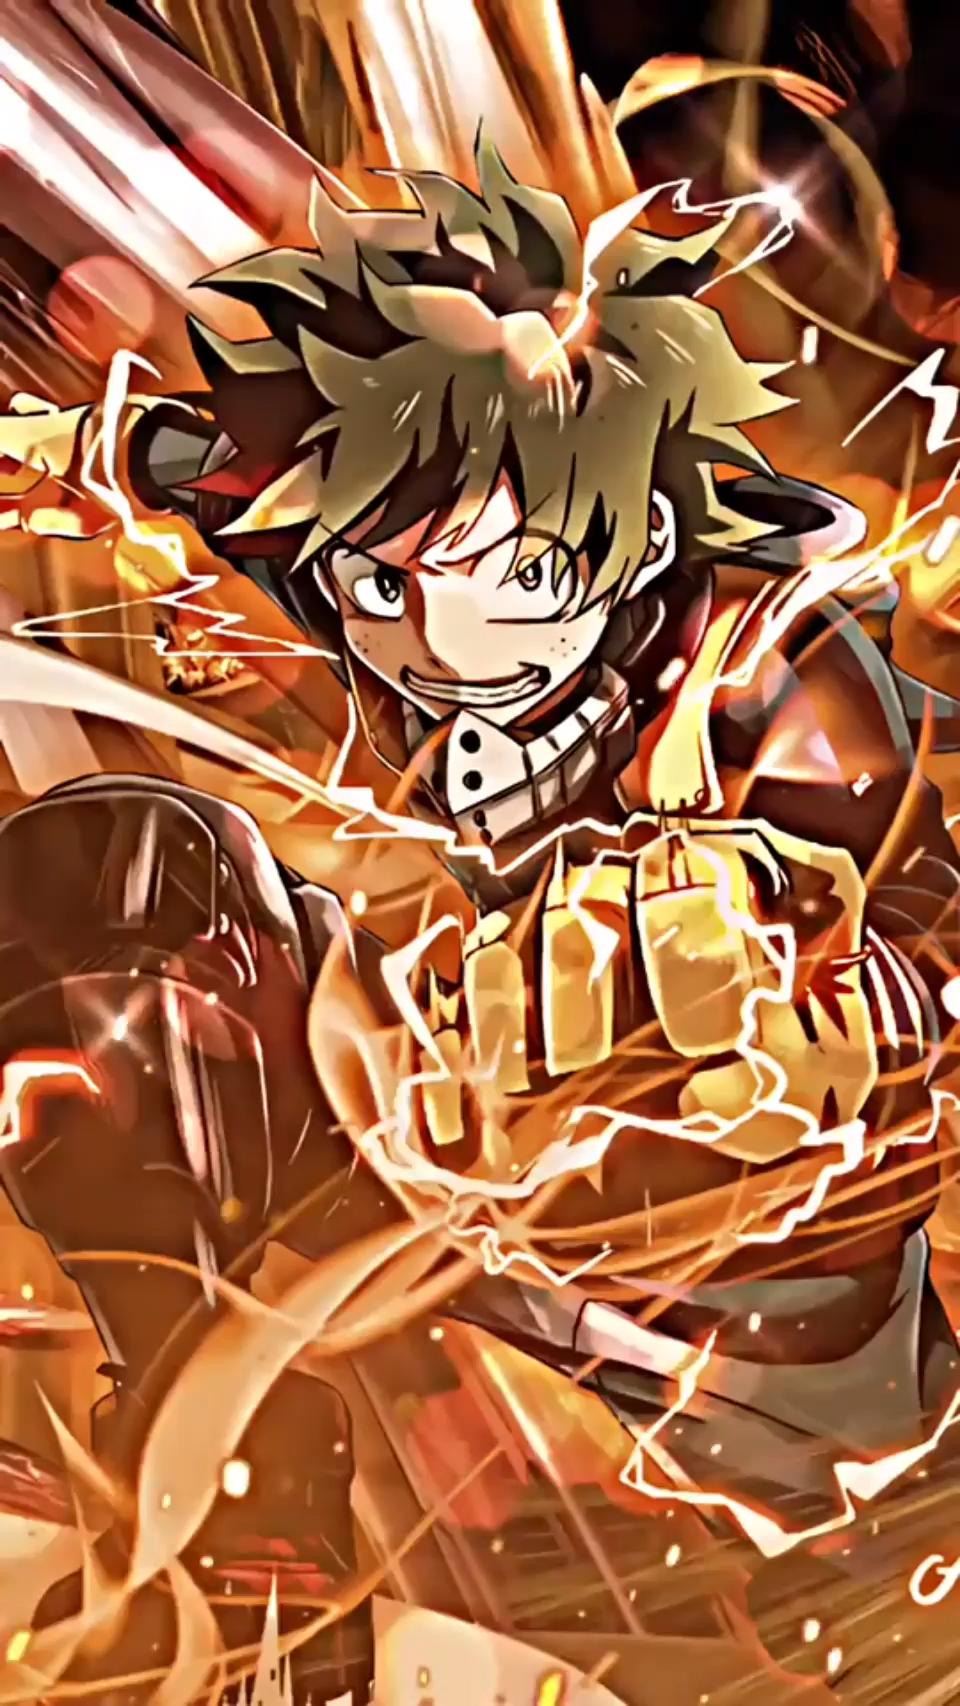 Izuku Midoriya Deku Boku No Hero Live Wallpaper Video Anime Deku Boku No Hero Hero Wallpaper